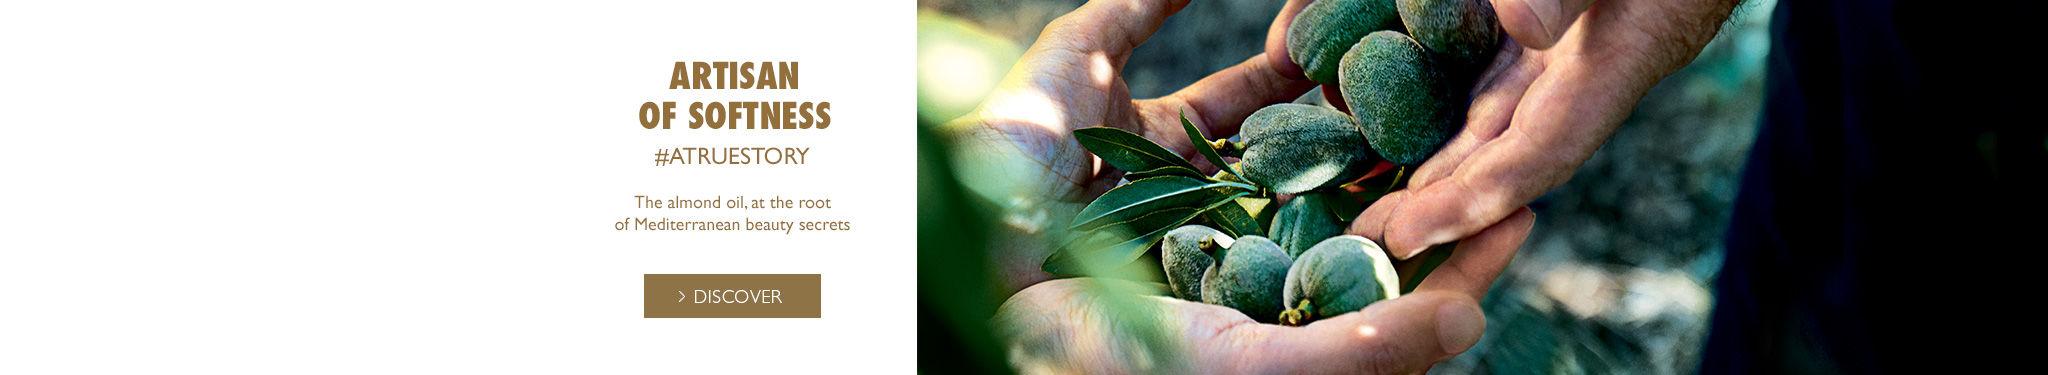 Discover the artisan of softness